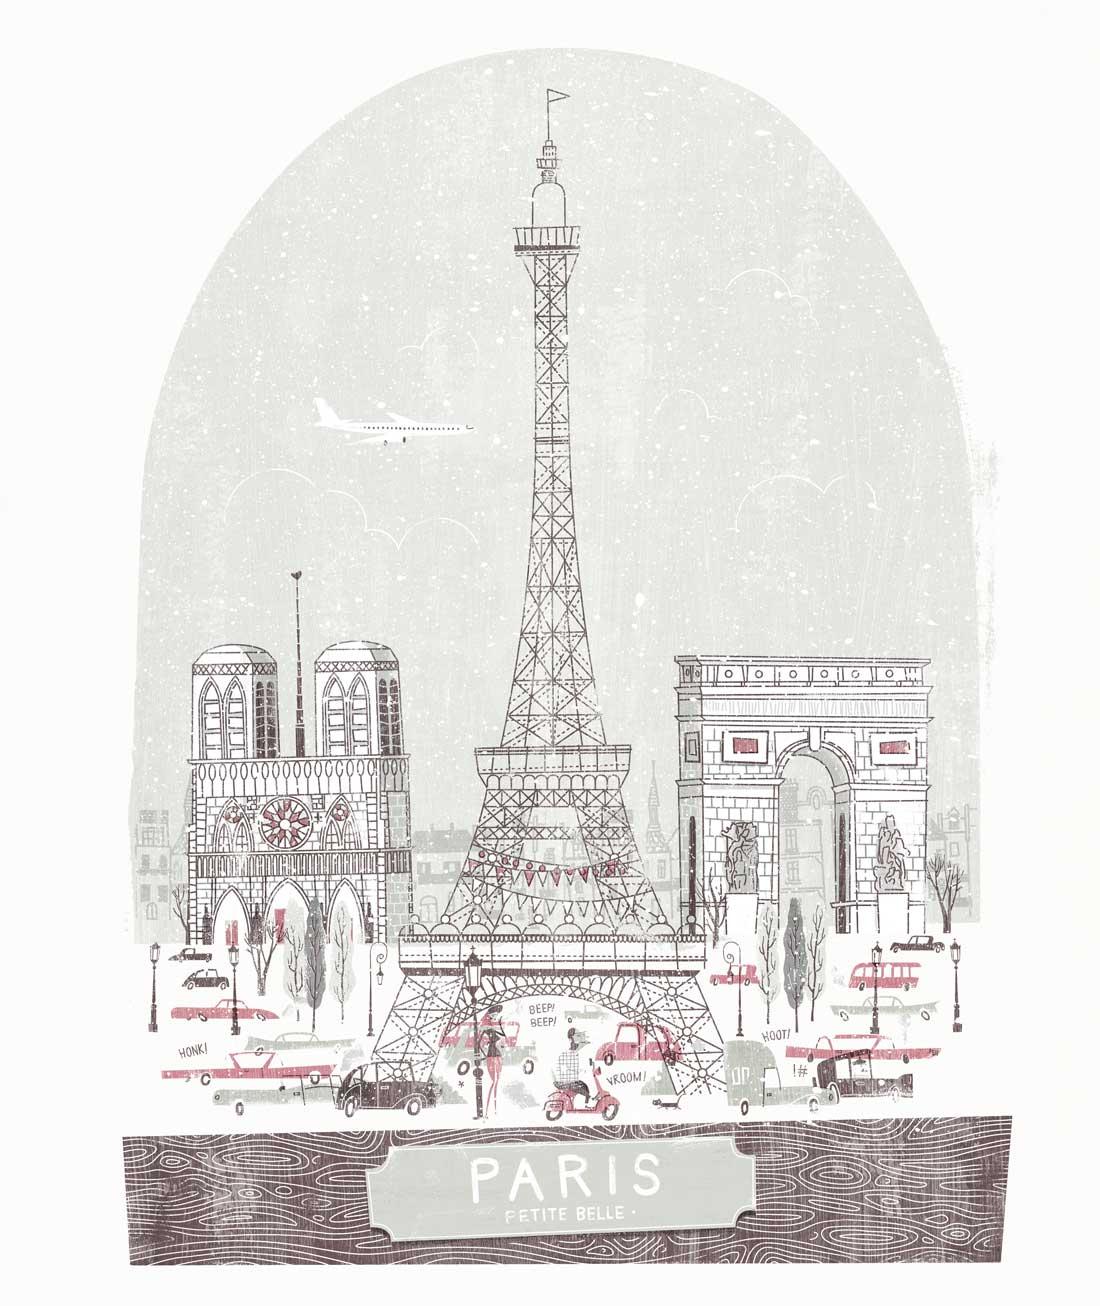 Paris Illustration: Illustration Soup